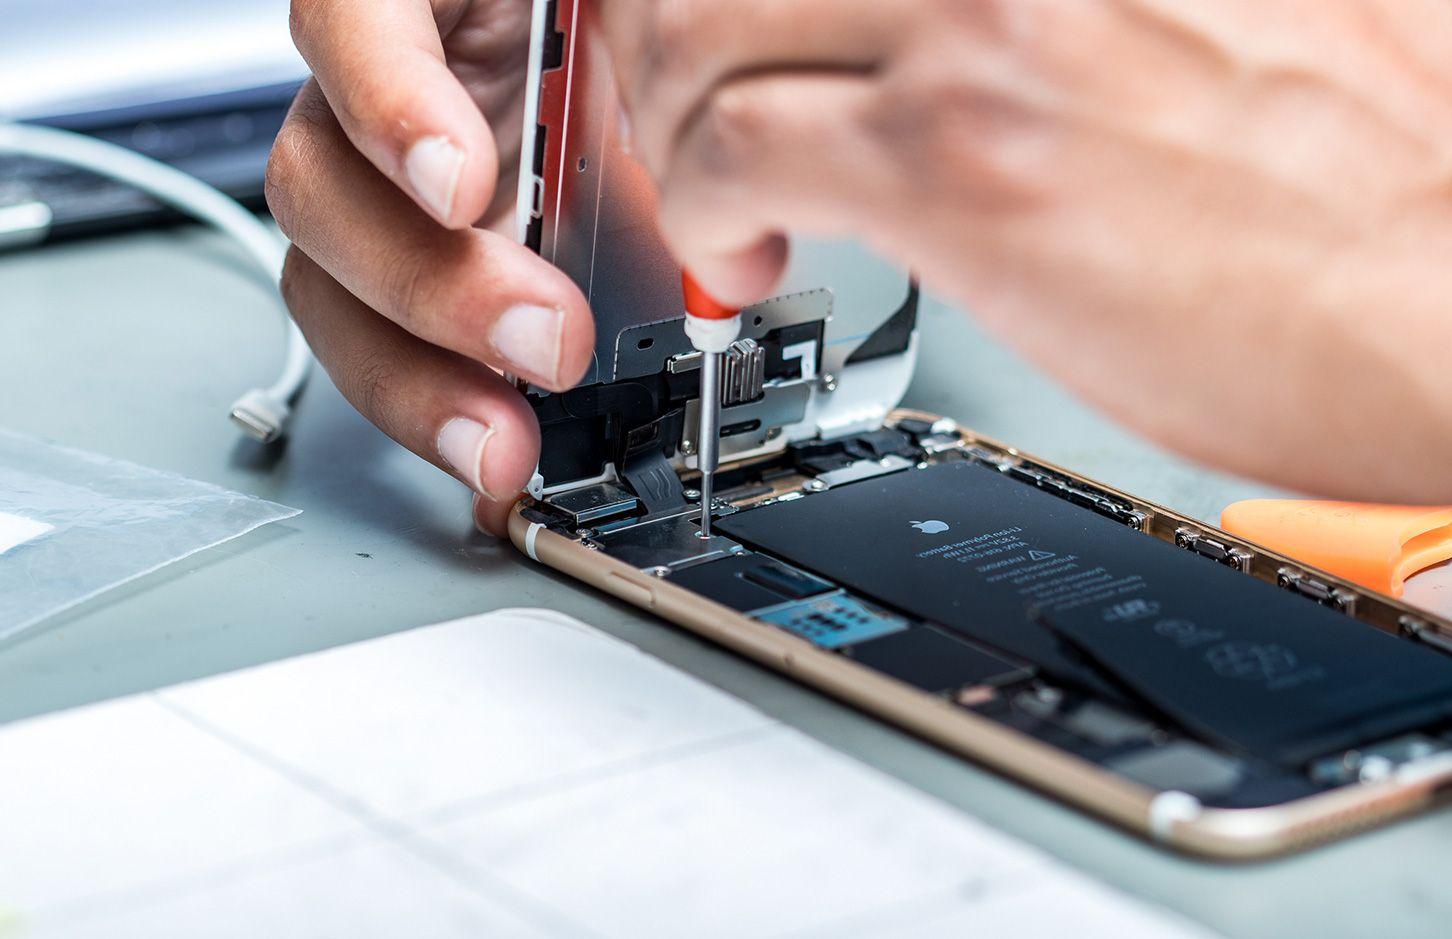 Reparacion de telefonos móviles: Iphone, Samsung, Xiaomi, Ipad, BQ y demás Smartphones